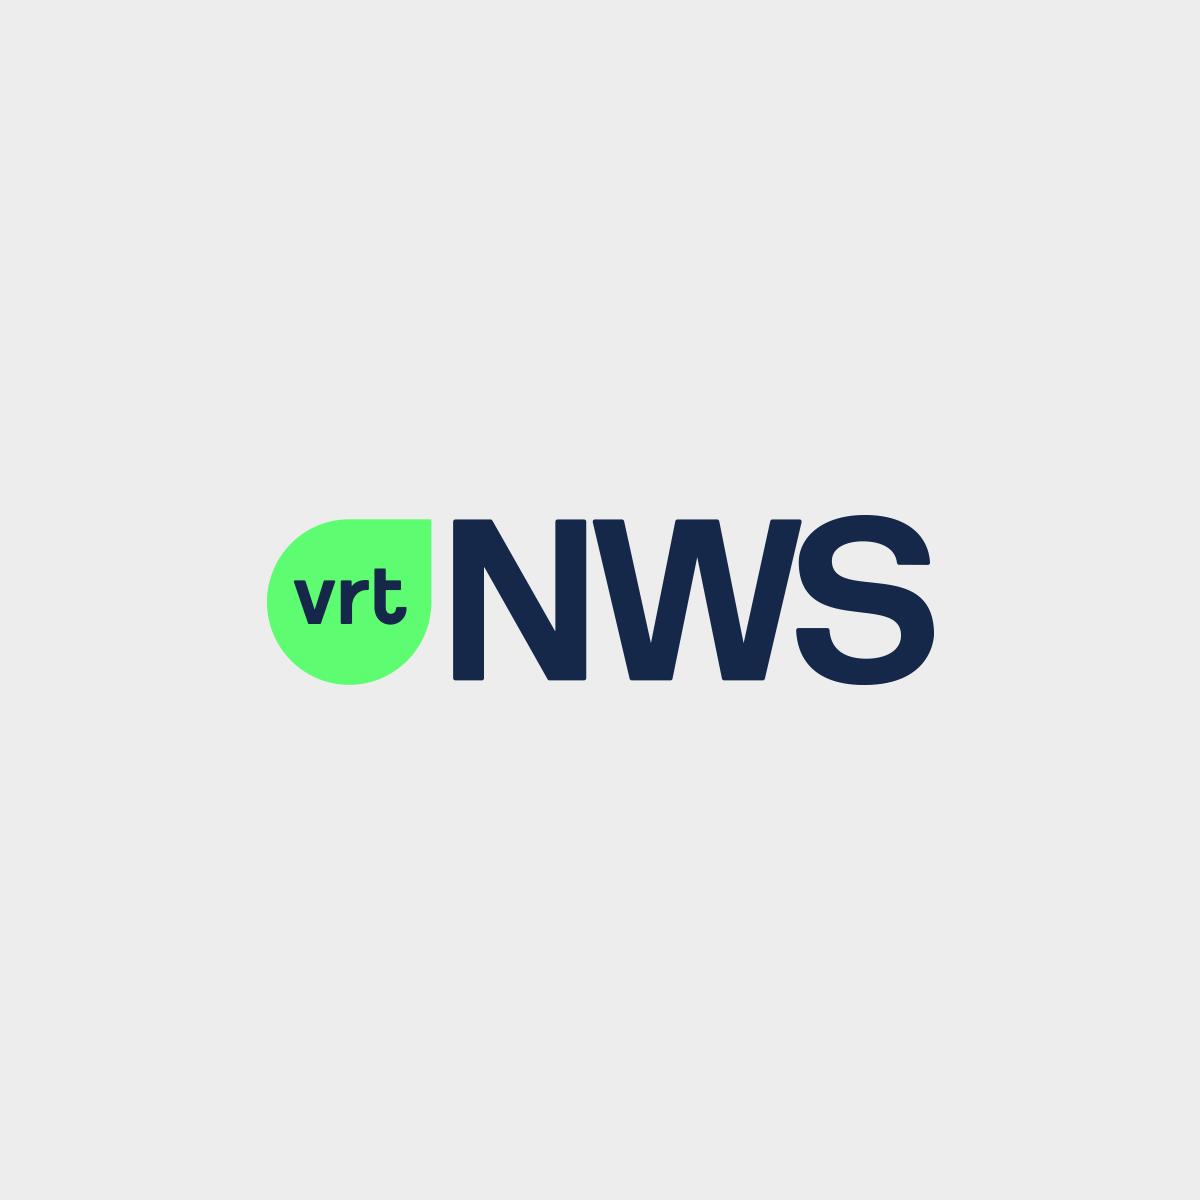 Logo for VRT NWS